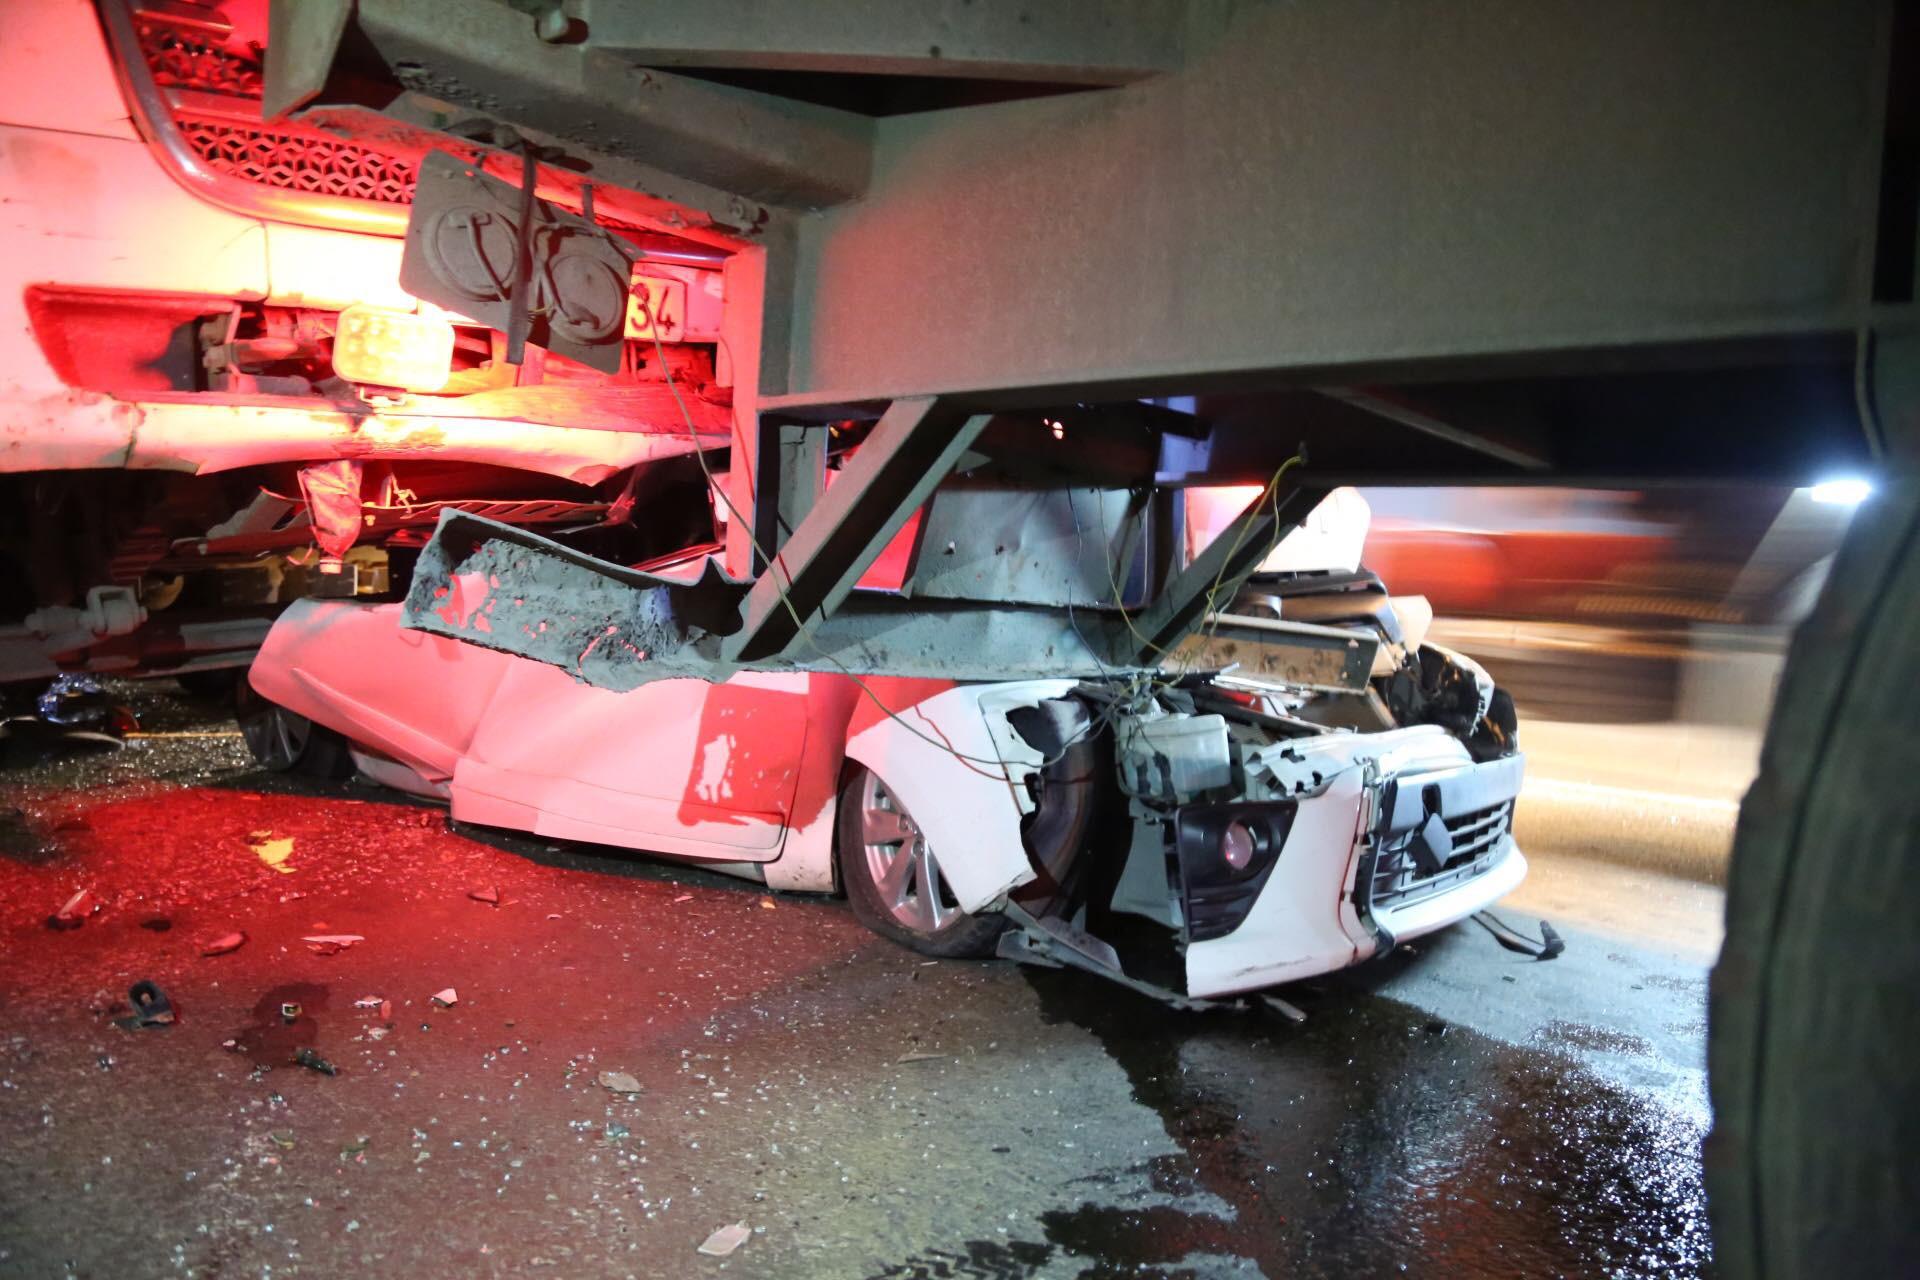 Tông xe liên hoàng trên cầu thần chết ở Sài Gòn, ô tô 4 chỗ bị đè bẹp giữa hai xe container - Ảnh 2.